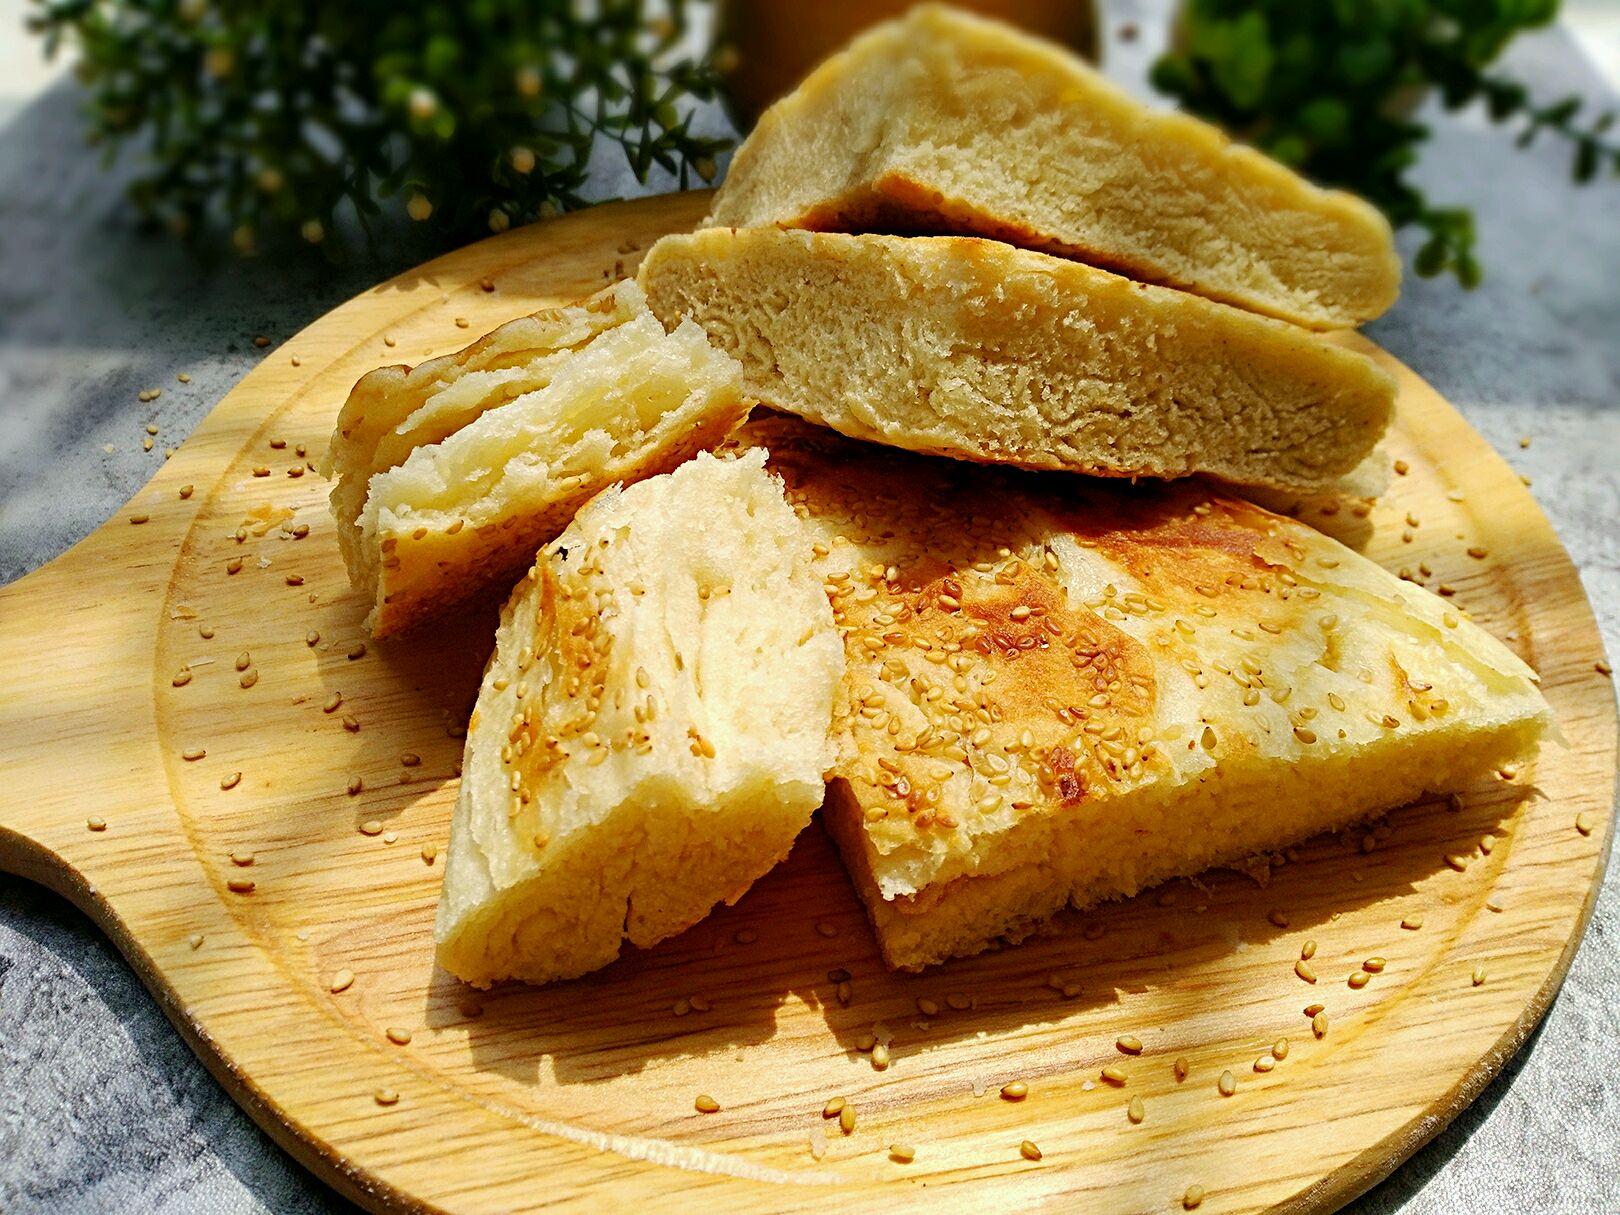 发面大饼的做法大全_发面油酥大饼的做法_【图解】发面油酥大饼怎么做如何做好吃 ...